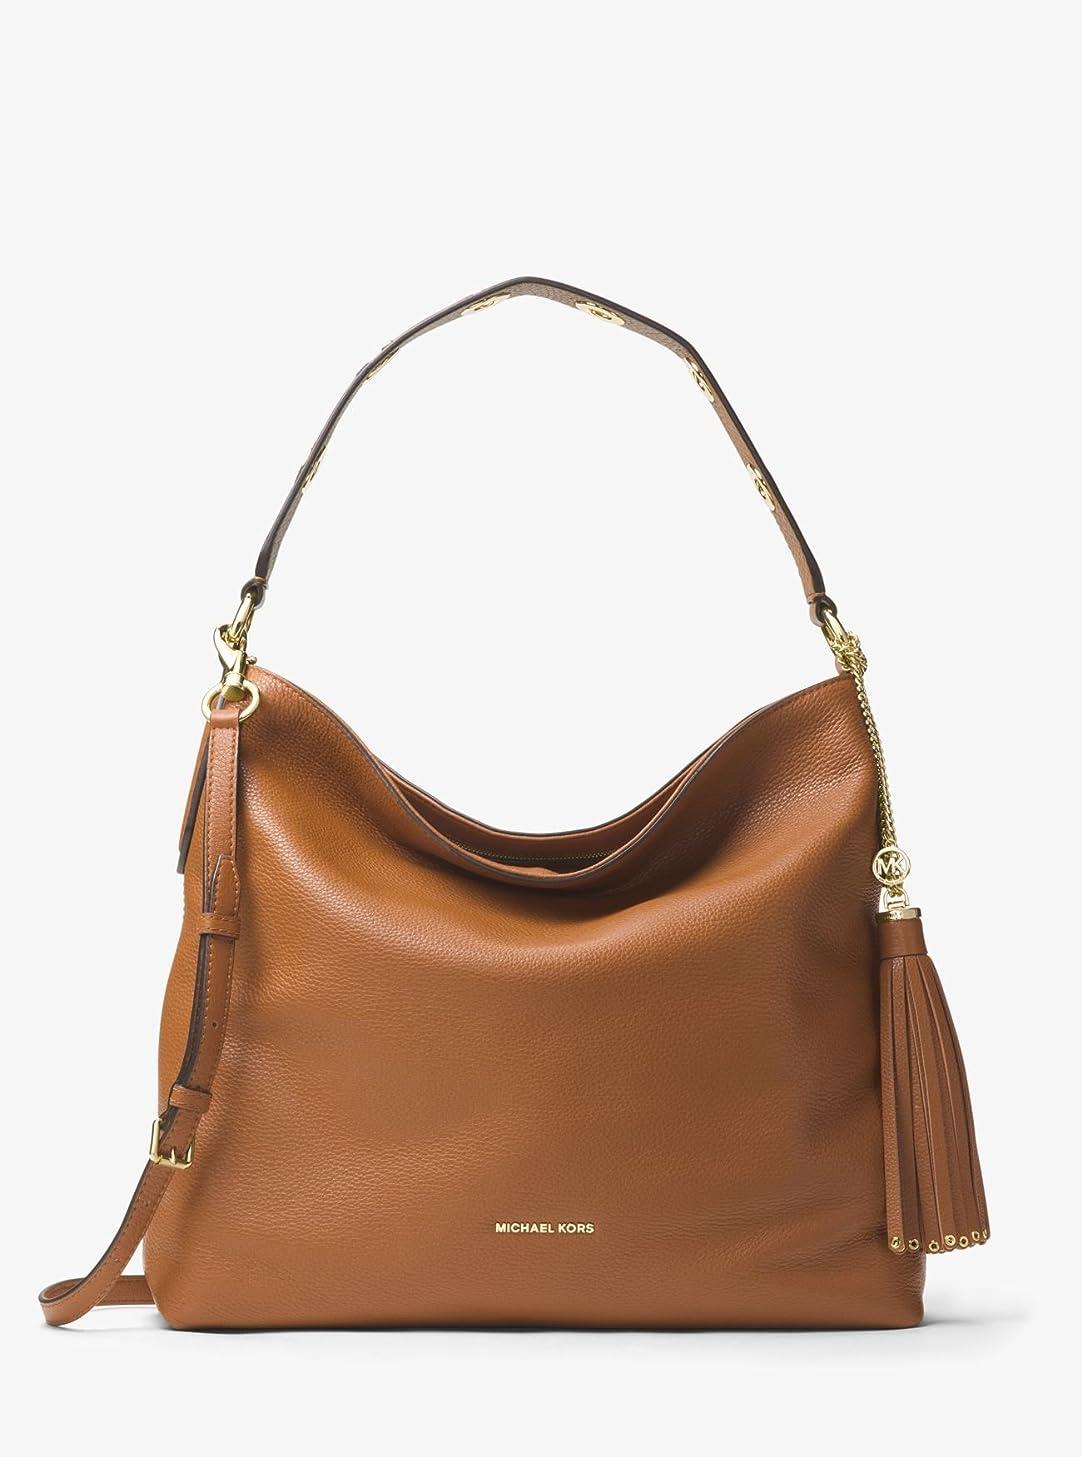 情緒的リンク打撃(マイケル コース) Michael Michael Kors Women`s Brooklyn Large Leather Shoulder Bag レディースブルックリンラージレザーショルダーバッグ(並行輸入品)